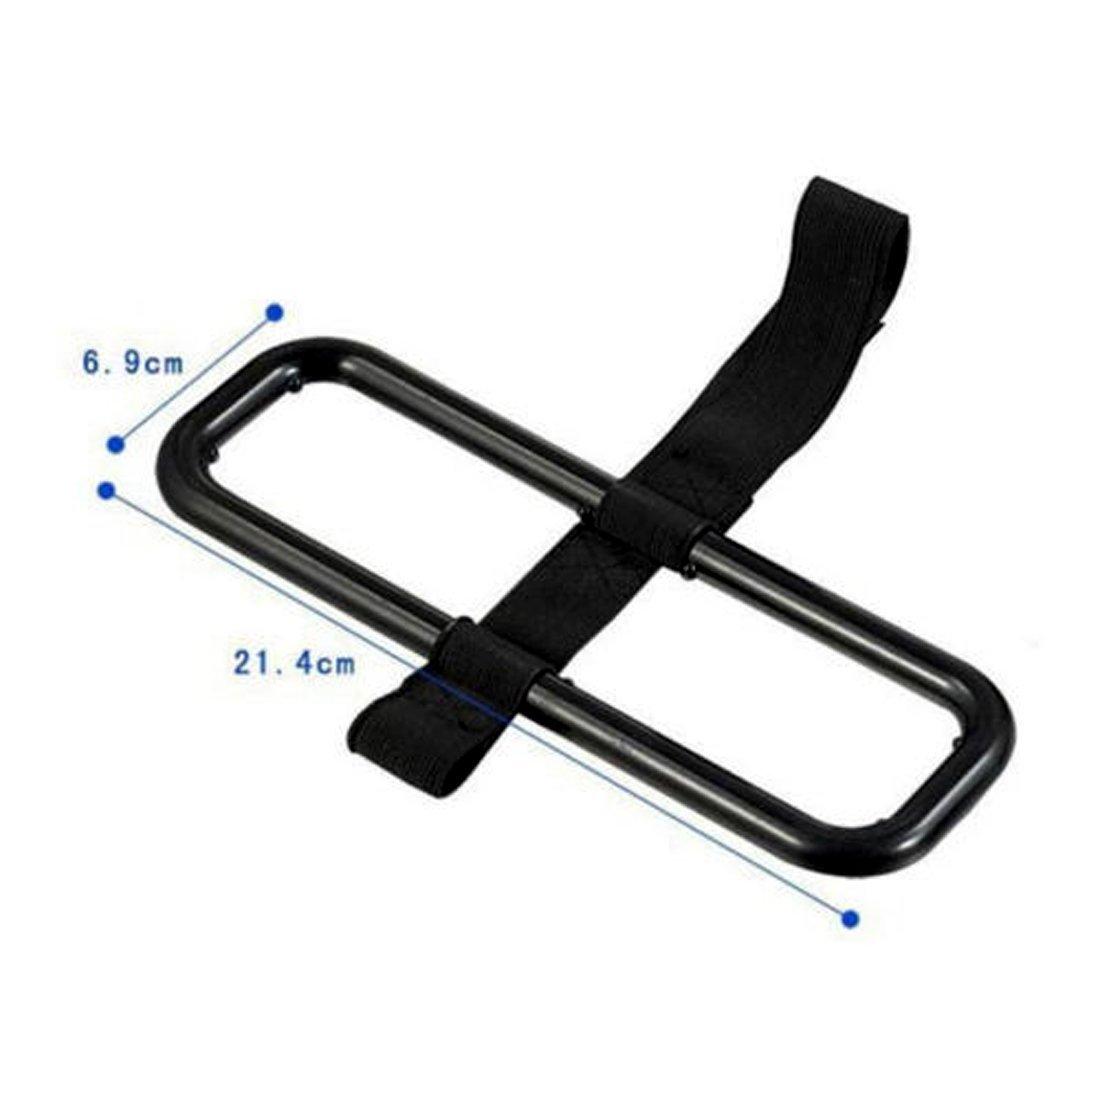 accessoires de voiture Soleil Bo/îte /à mouchoirs support de serviette support papier auto Assise Clip Visi/ère